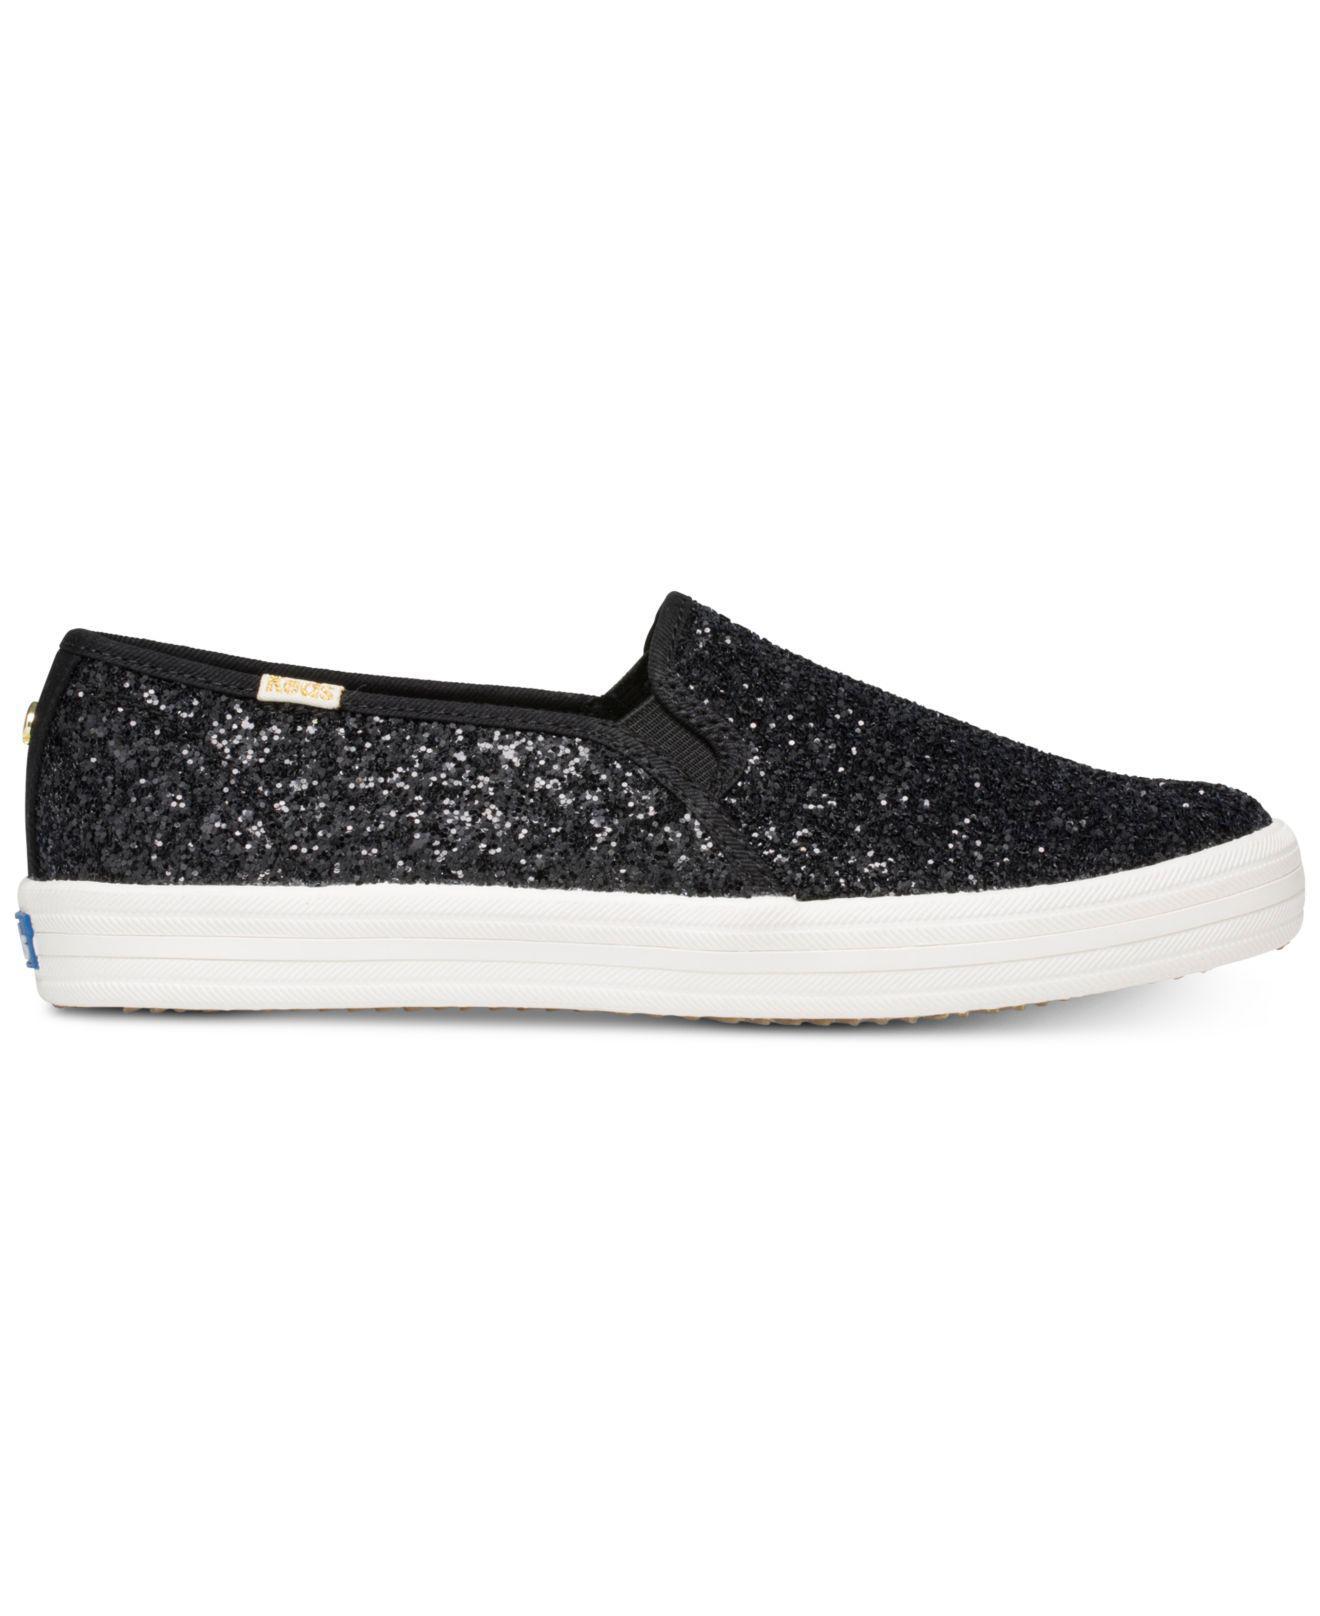 edc41de21b13 Lyst - Kate Spade Keds For Double Decker Glitter Sneakers in Black